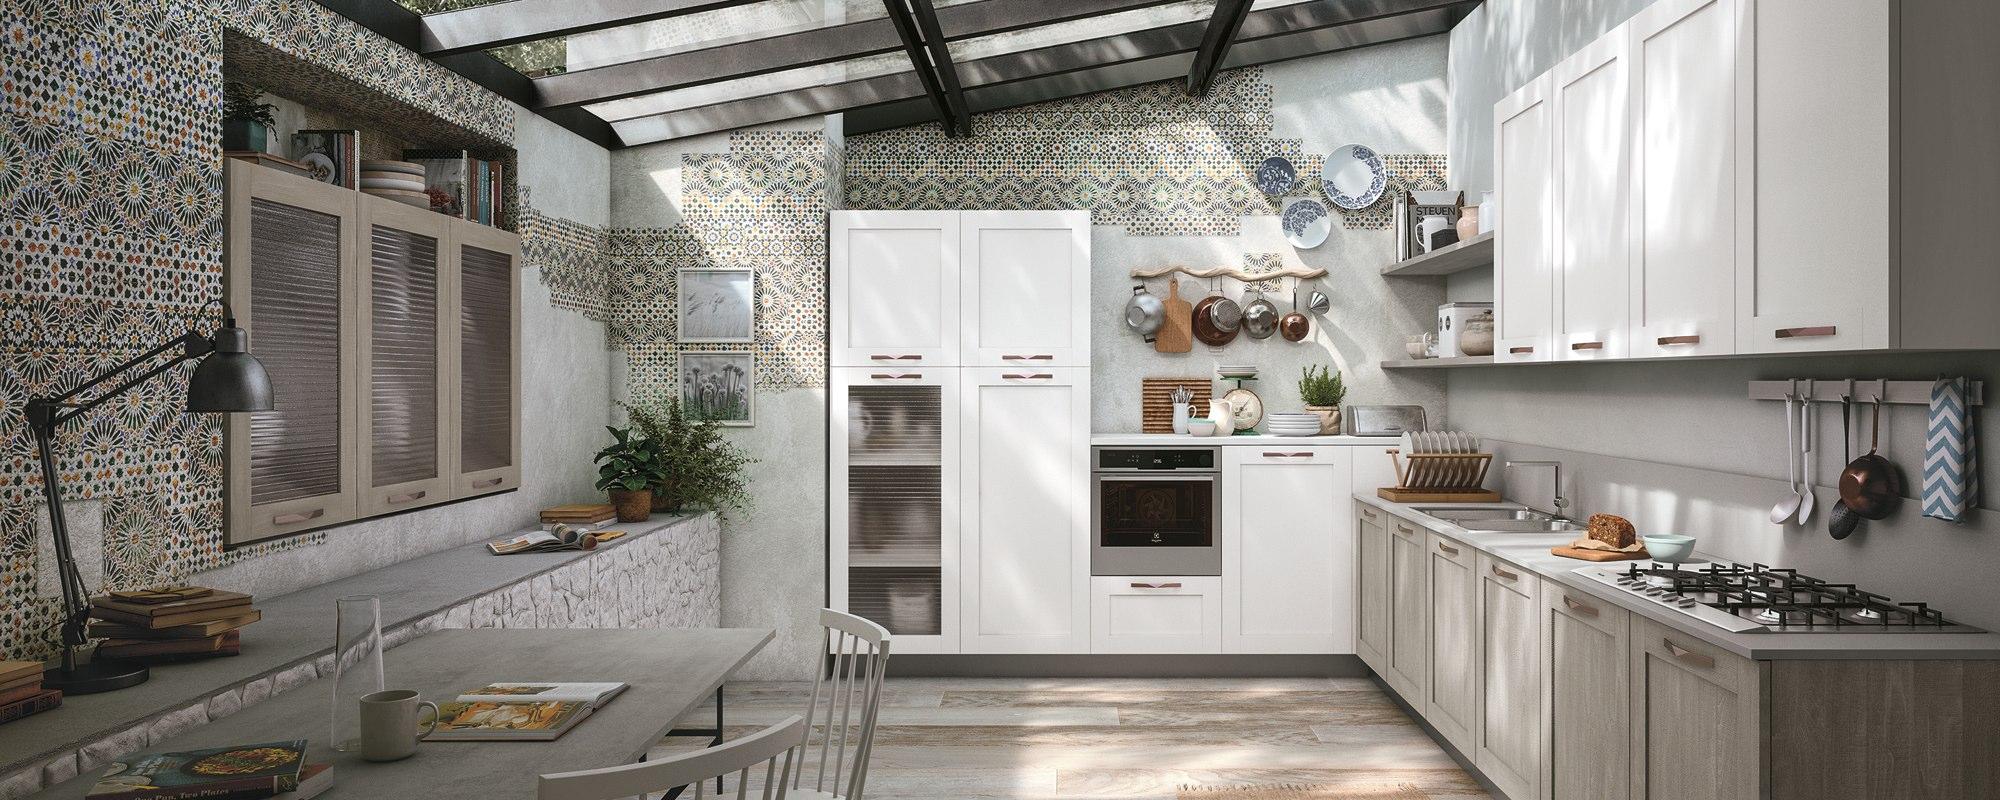 Cucina stosa city lorenzelli arredamenti - Foto di cucine ...